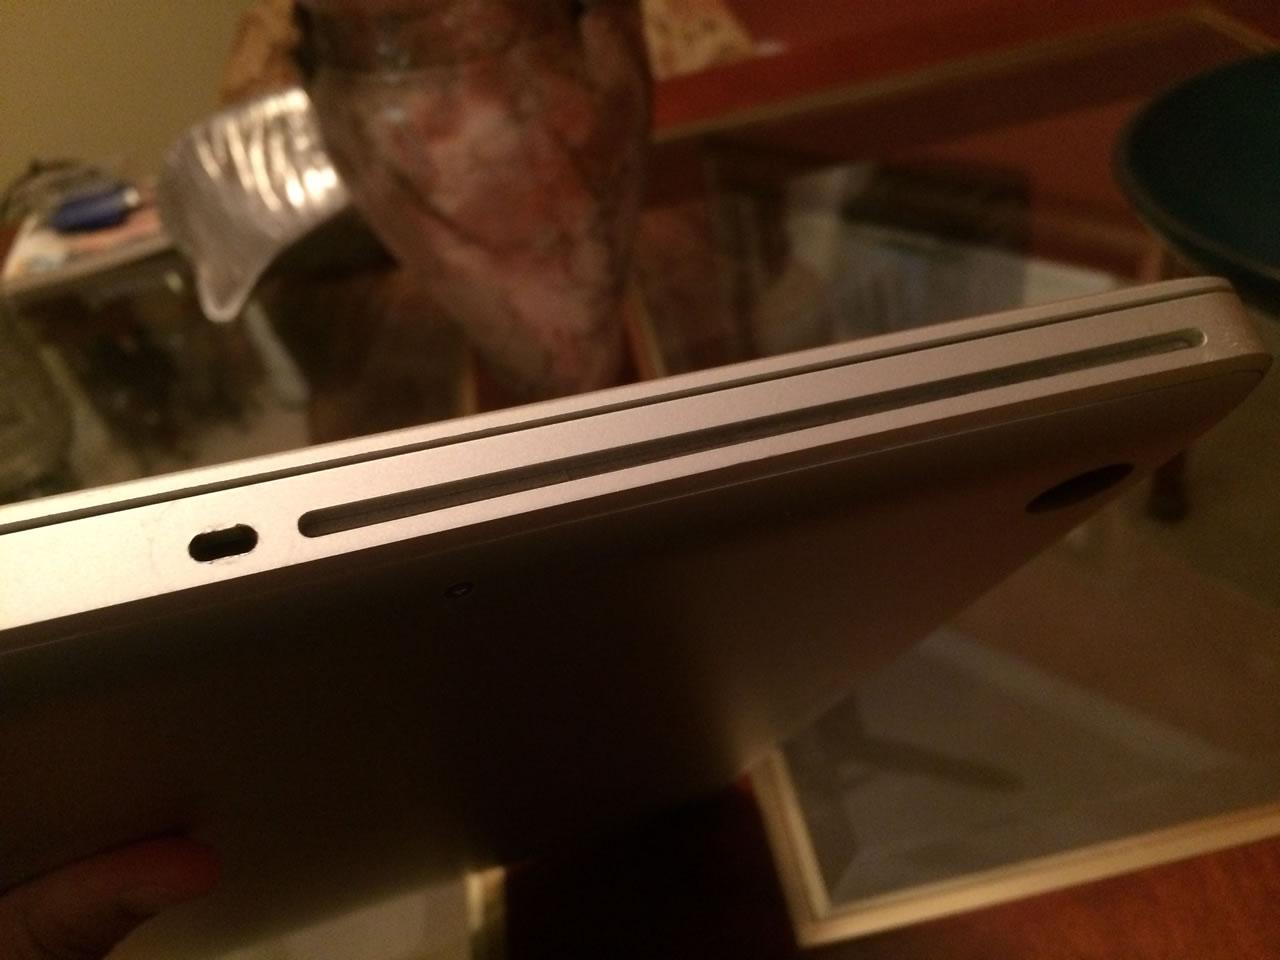 macbook pro 6